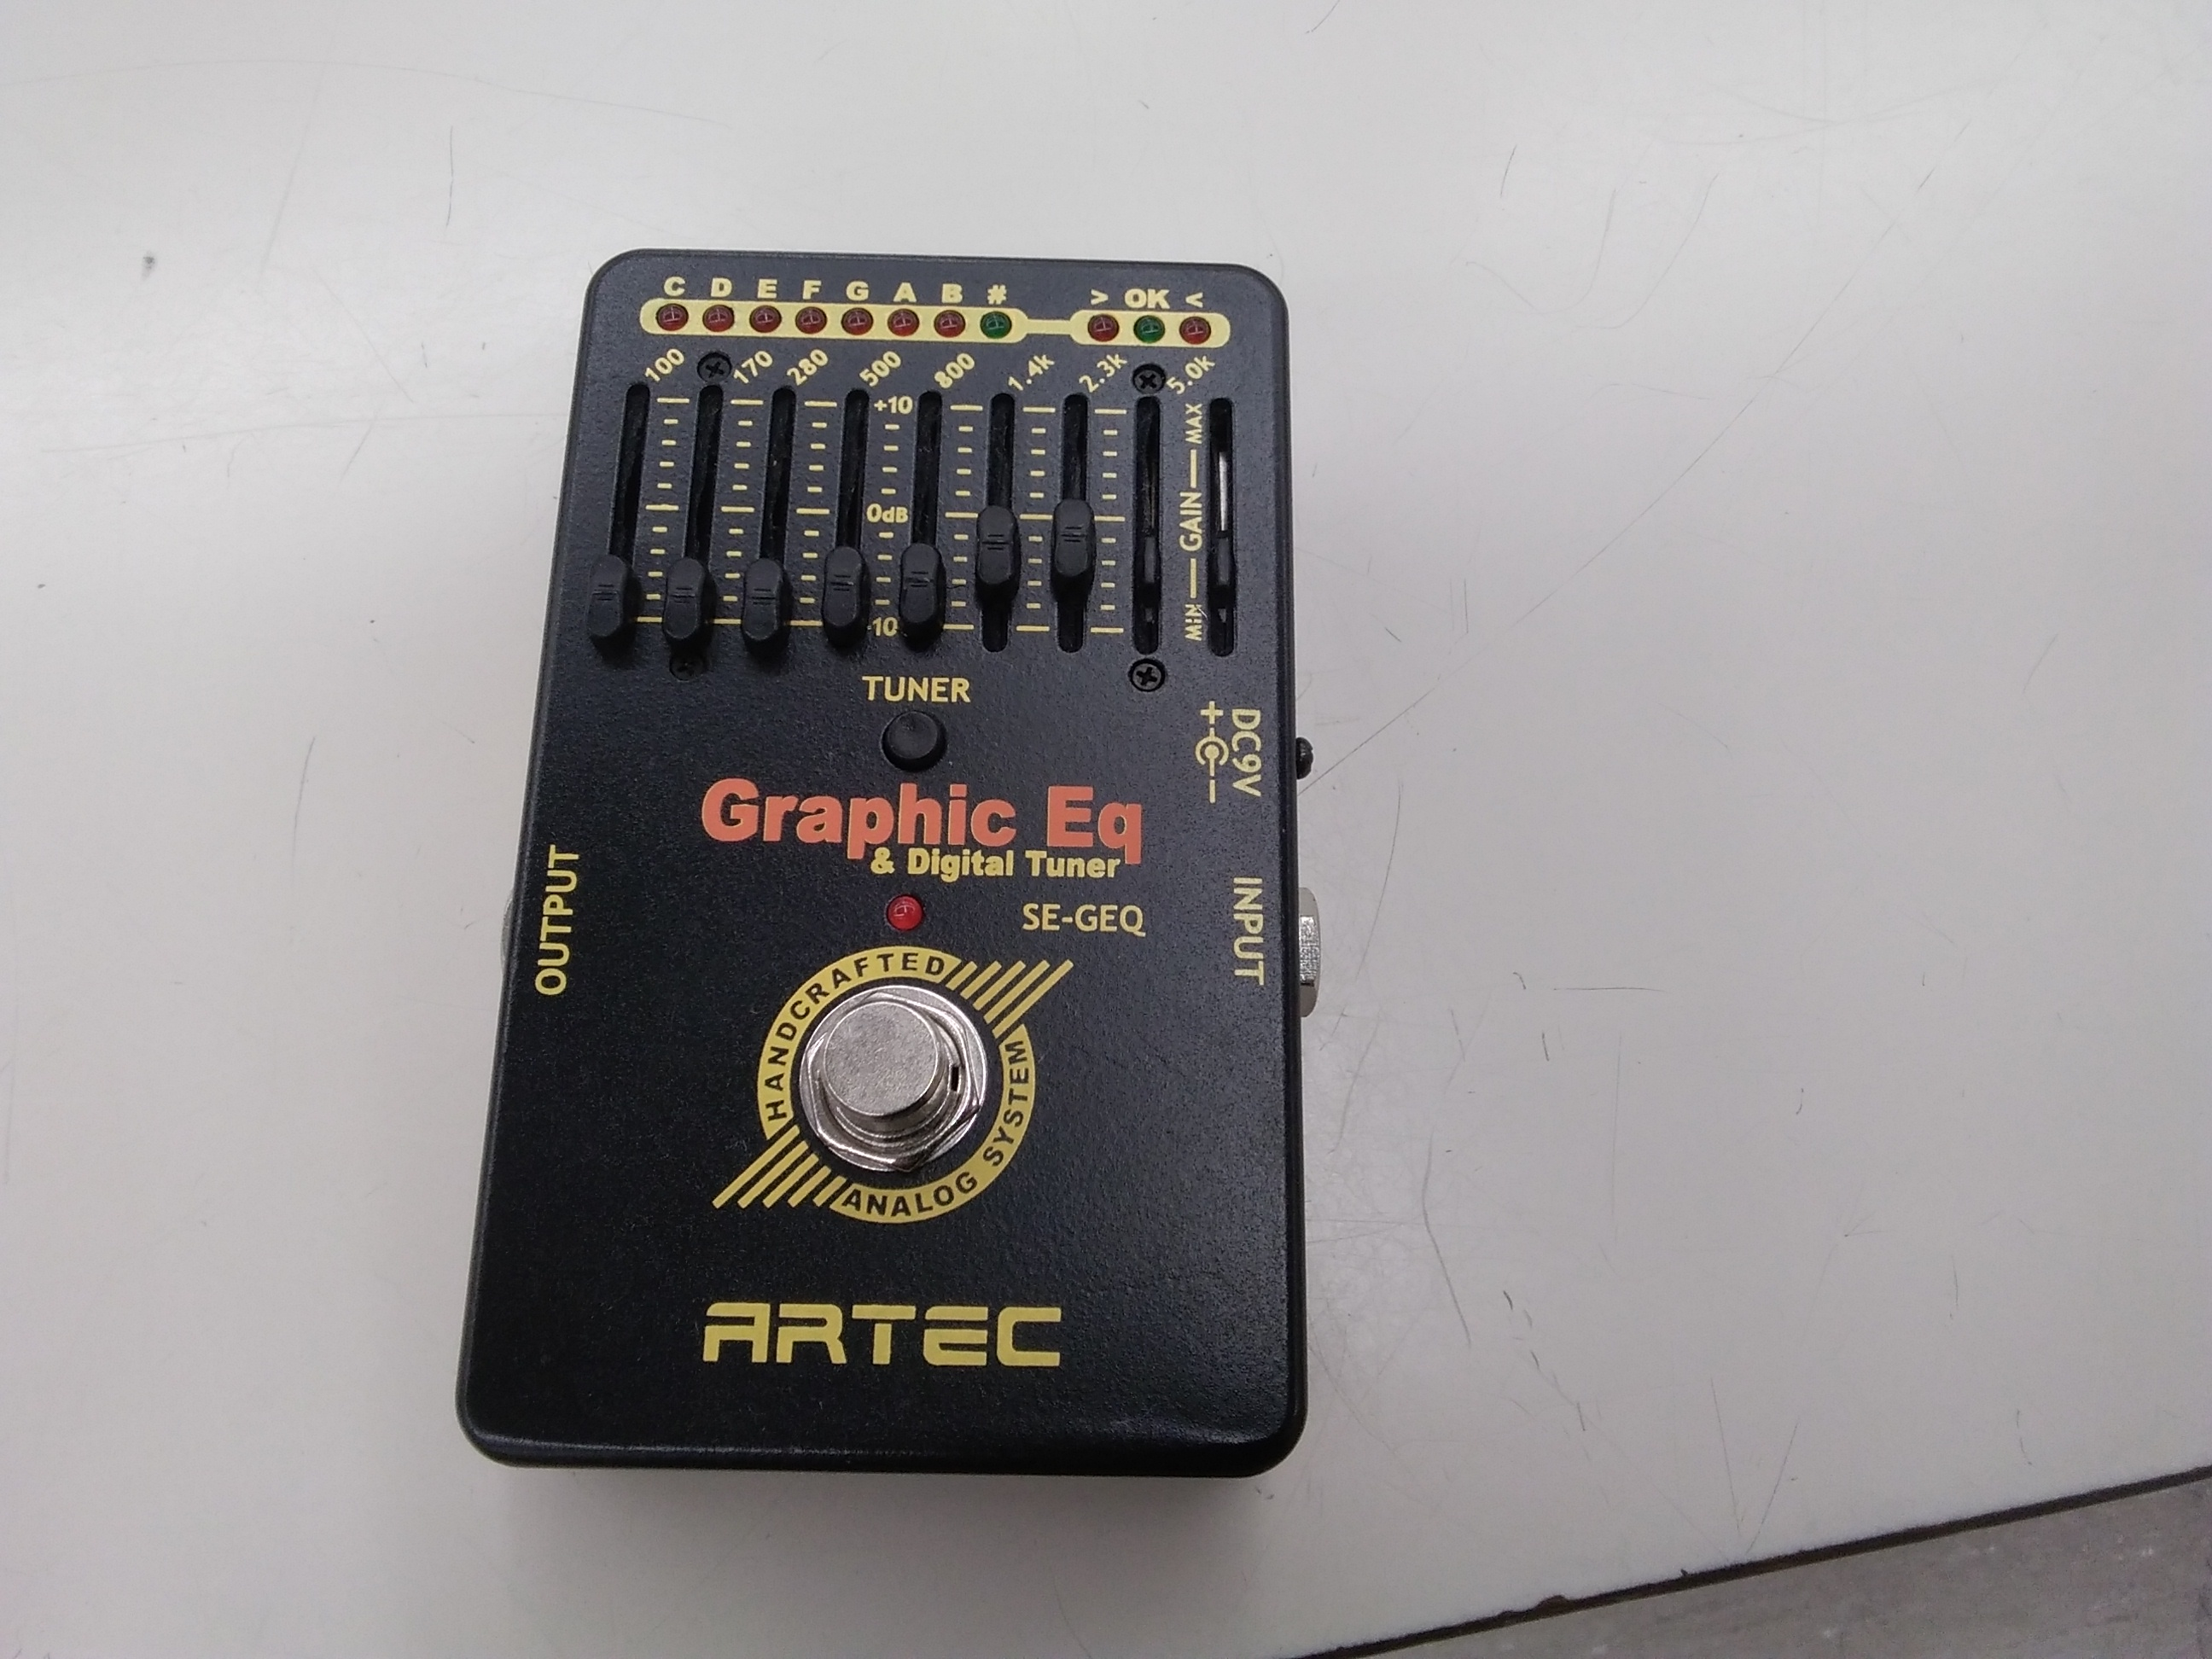 その他エフェクター|ARTEC